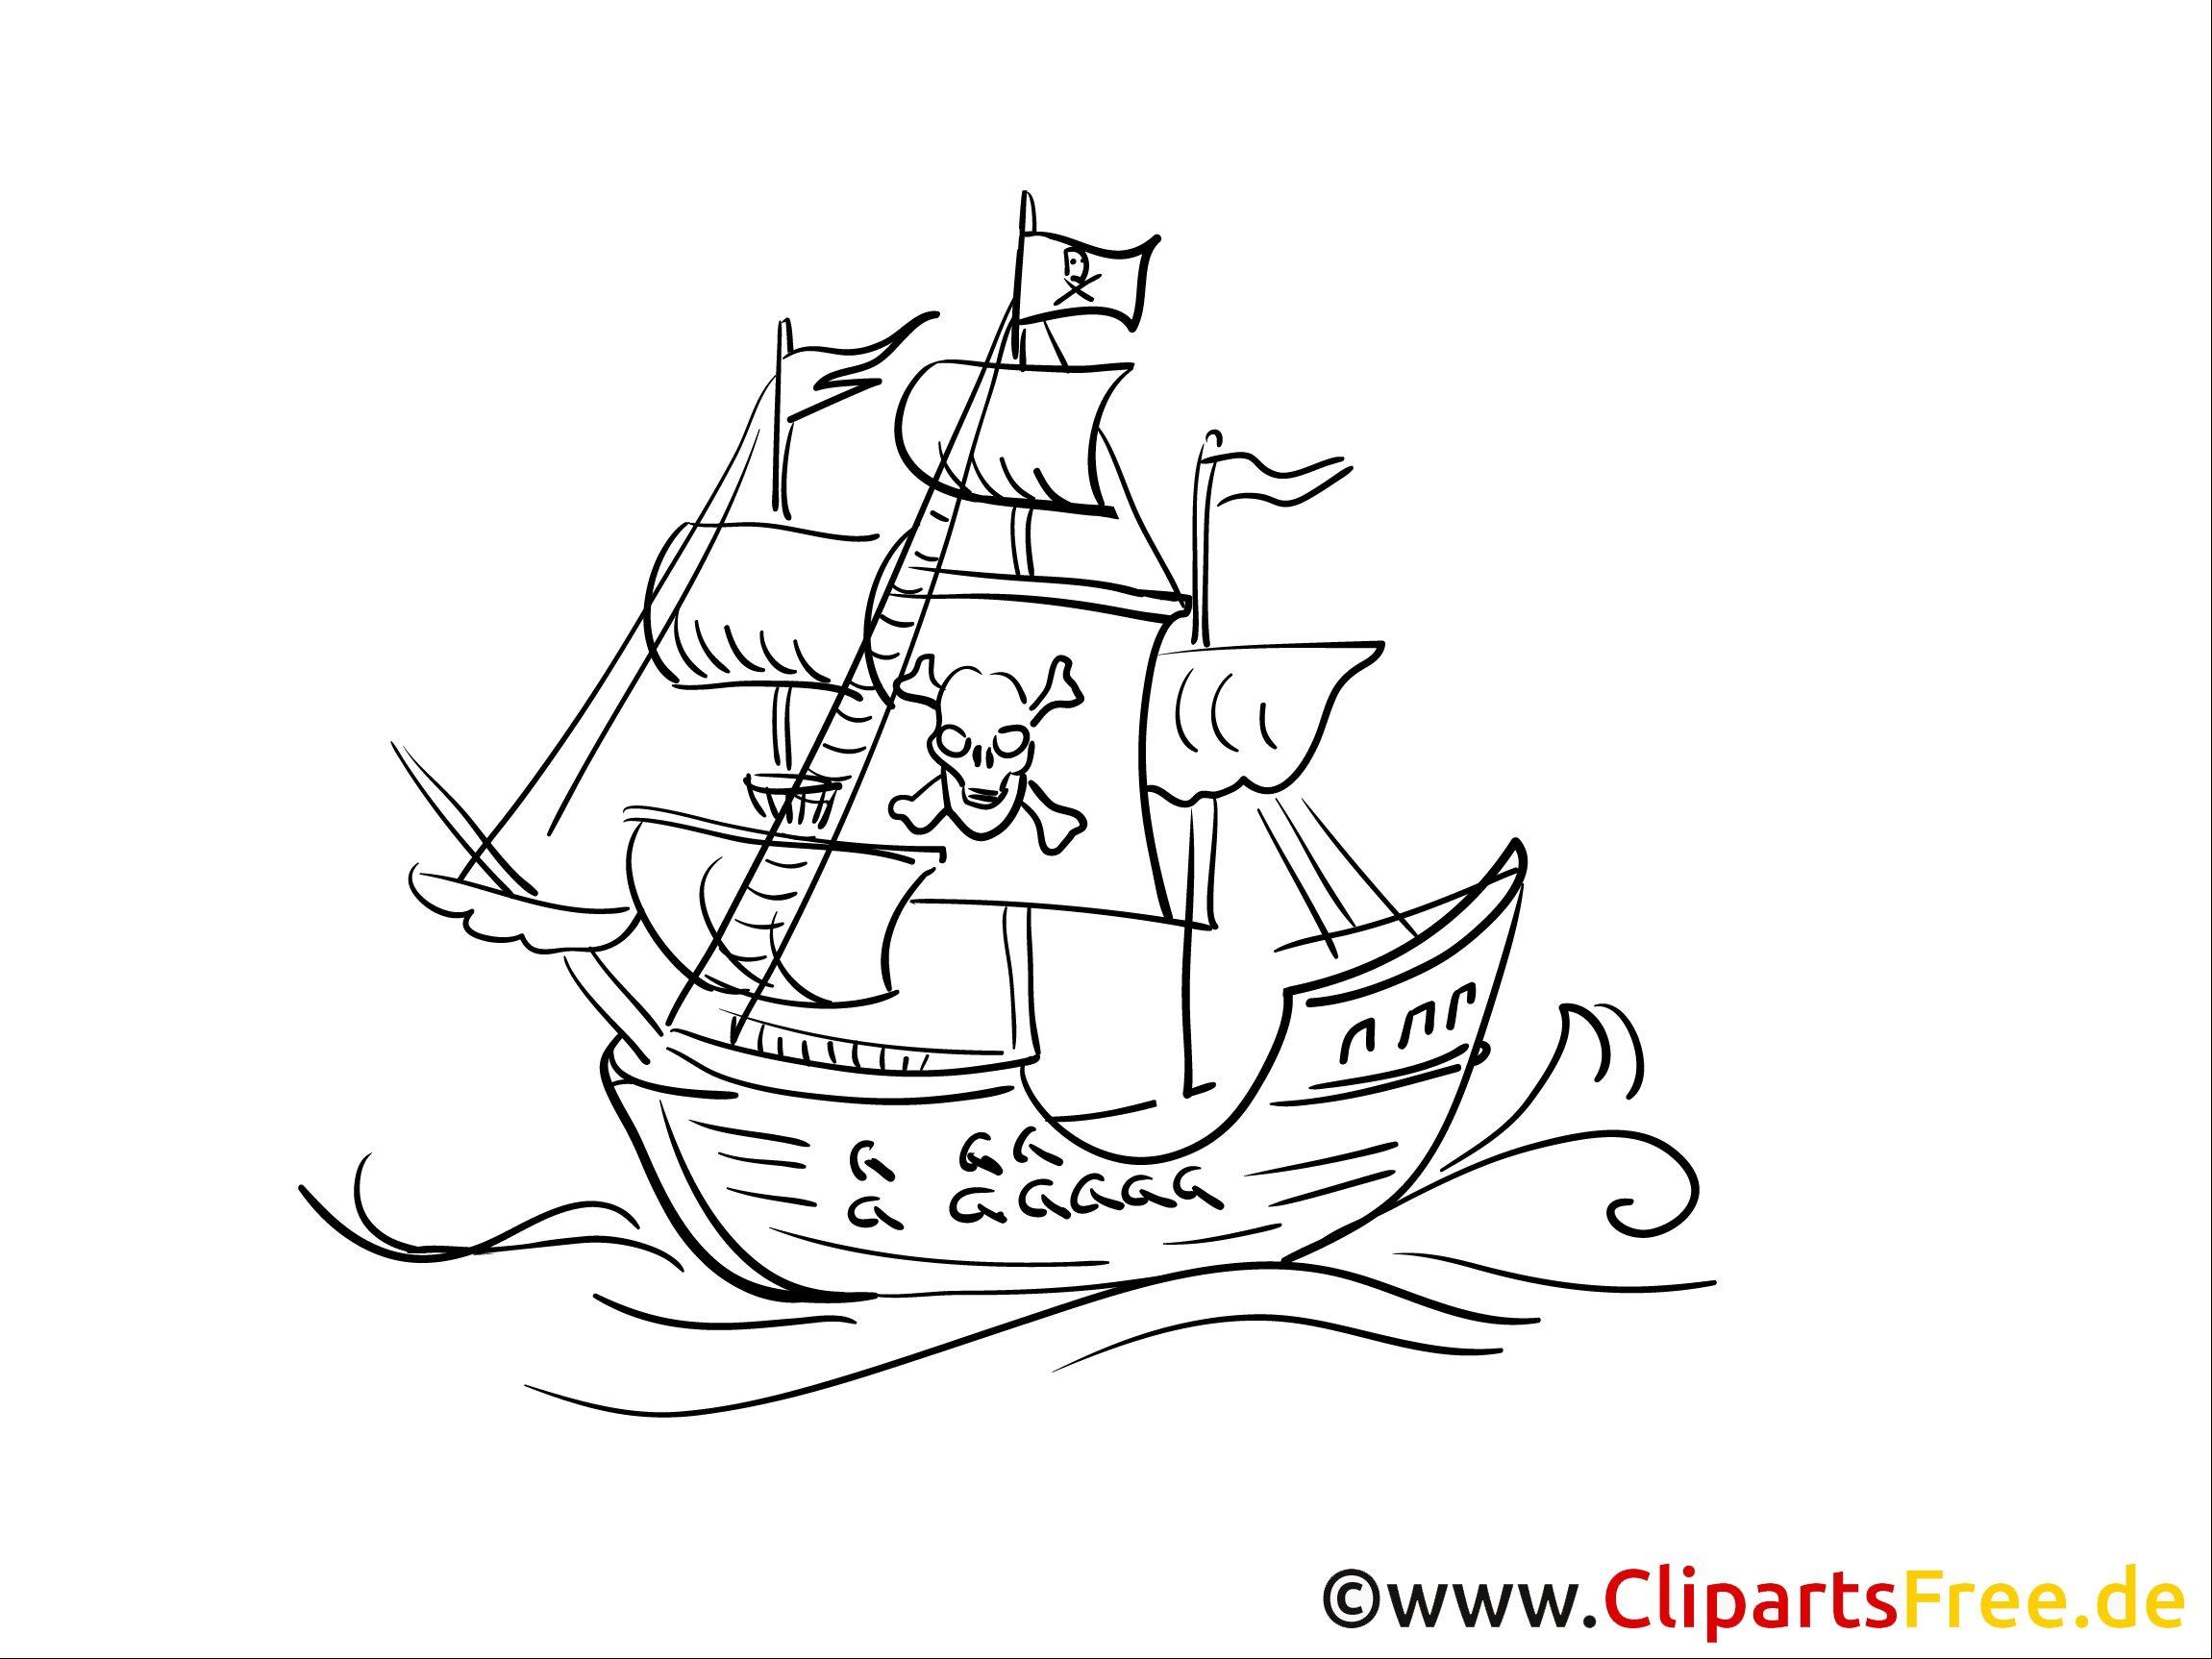 10 Besser Malvorlage Piratenschiff Erleuchtung 2020 ...